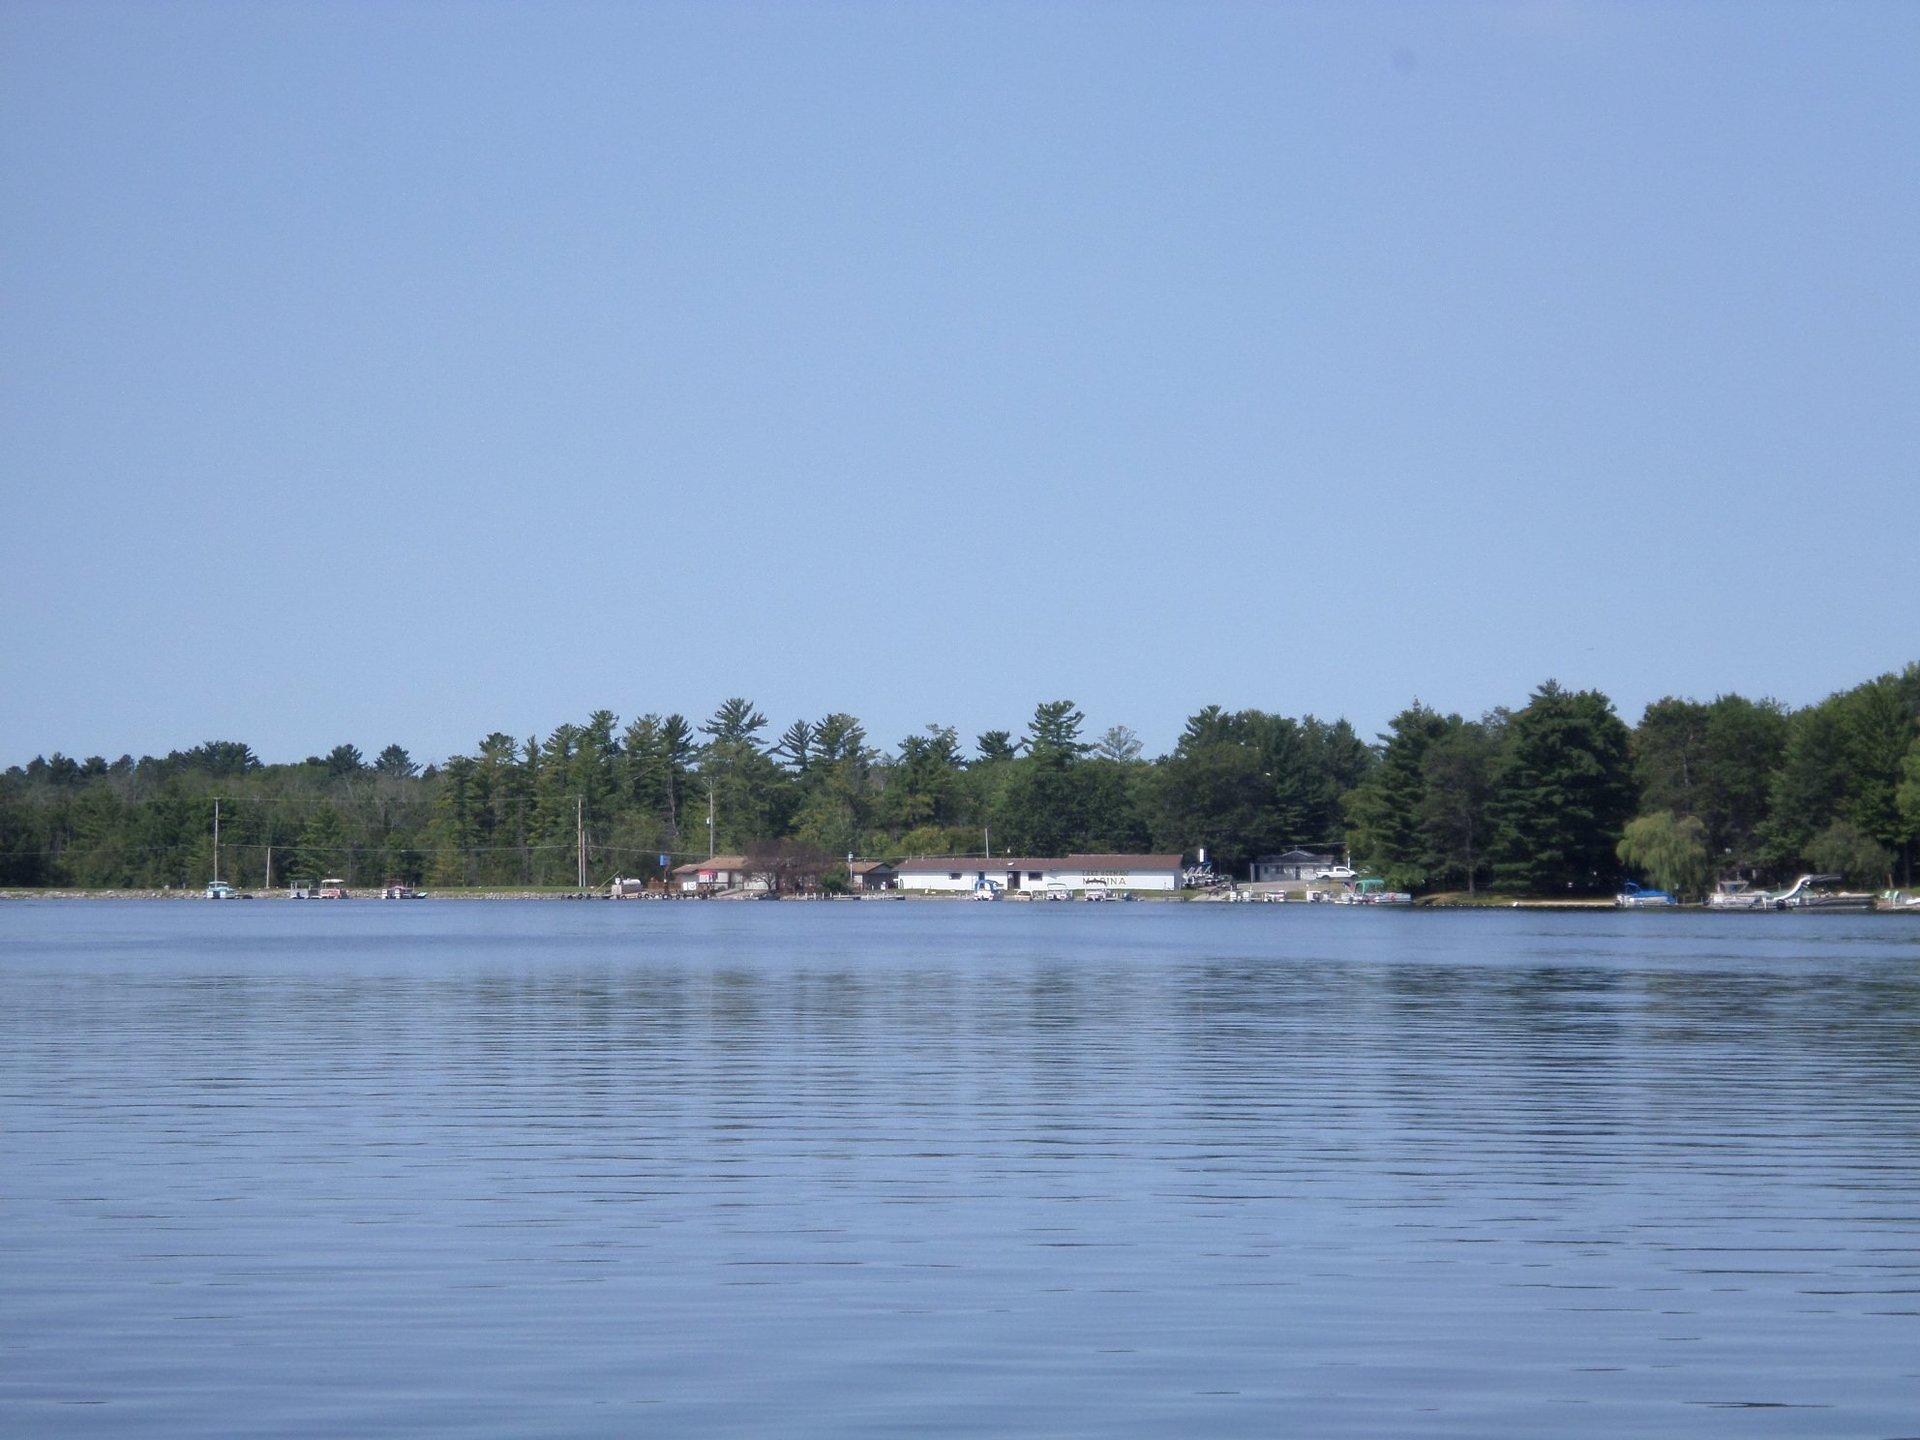 Lake Ogemaw Marina image 2